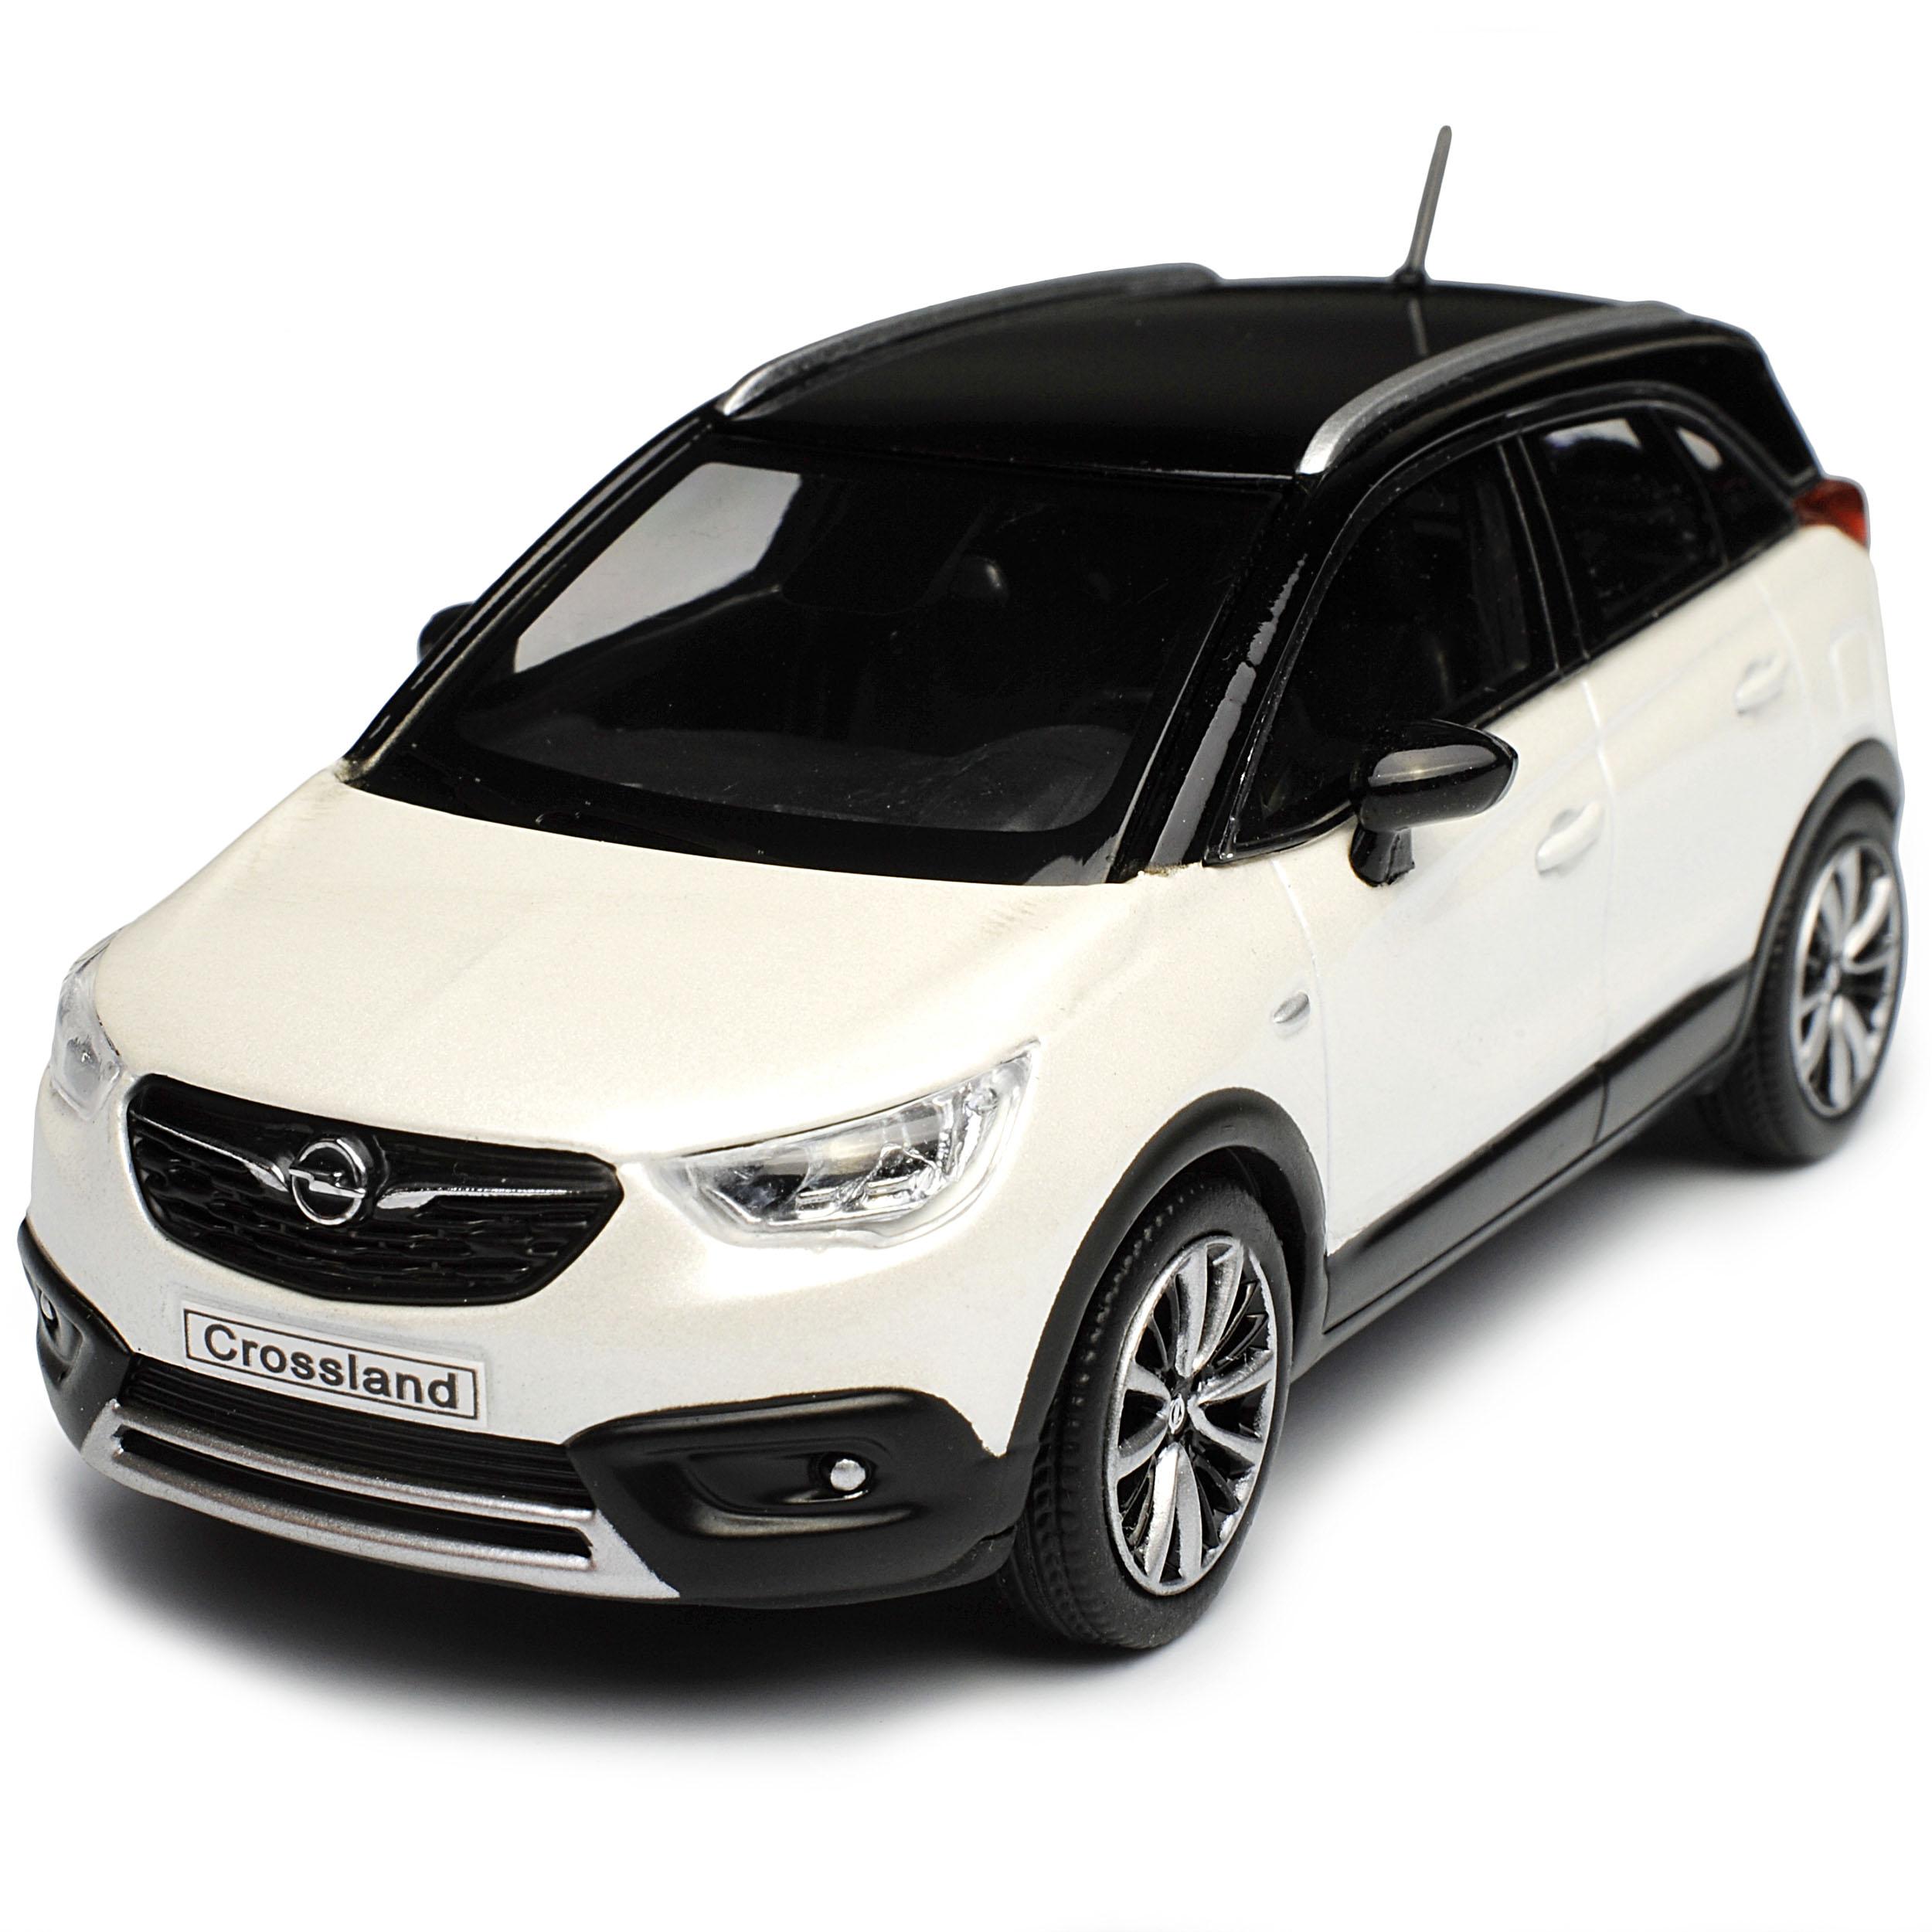 Opel Crossland X SUV Weiss mit schwarzem Dach Ab 2017 1//43 Kyosho i-Scale Mode..